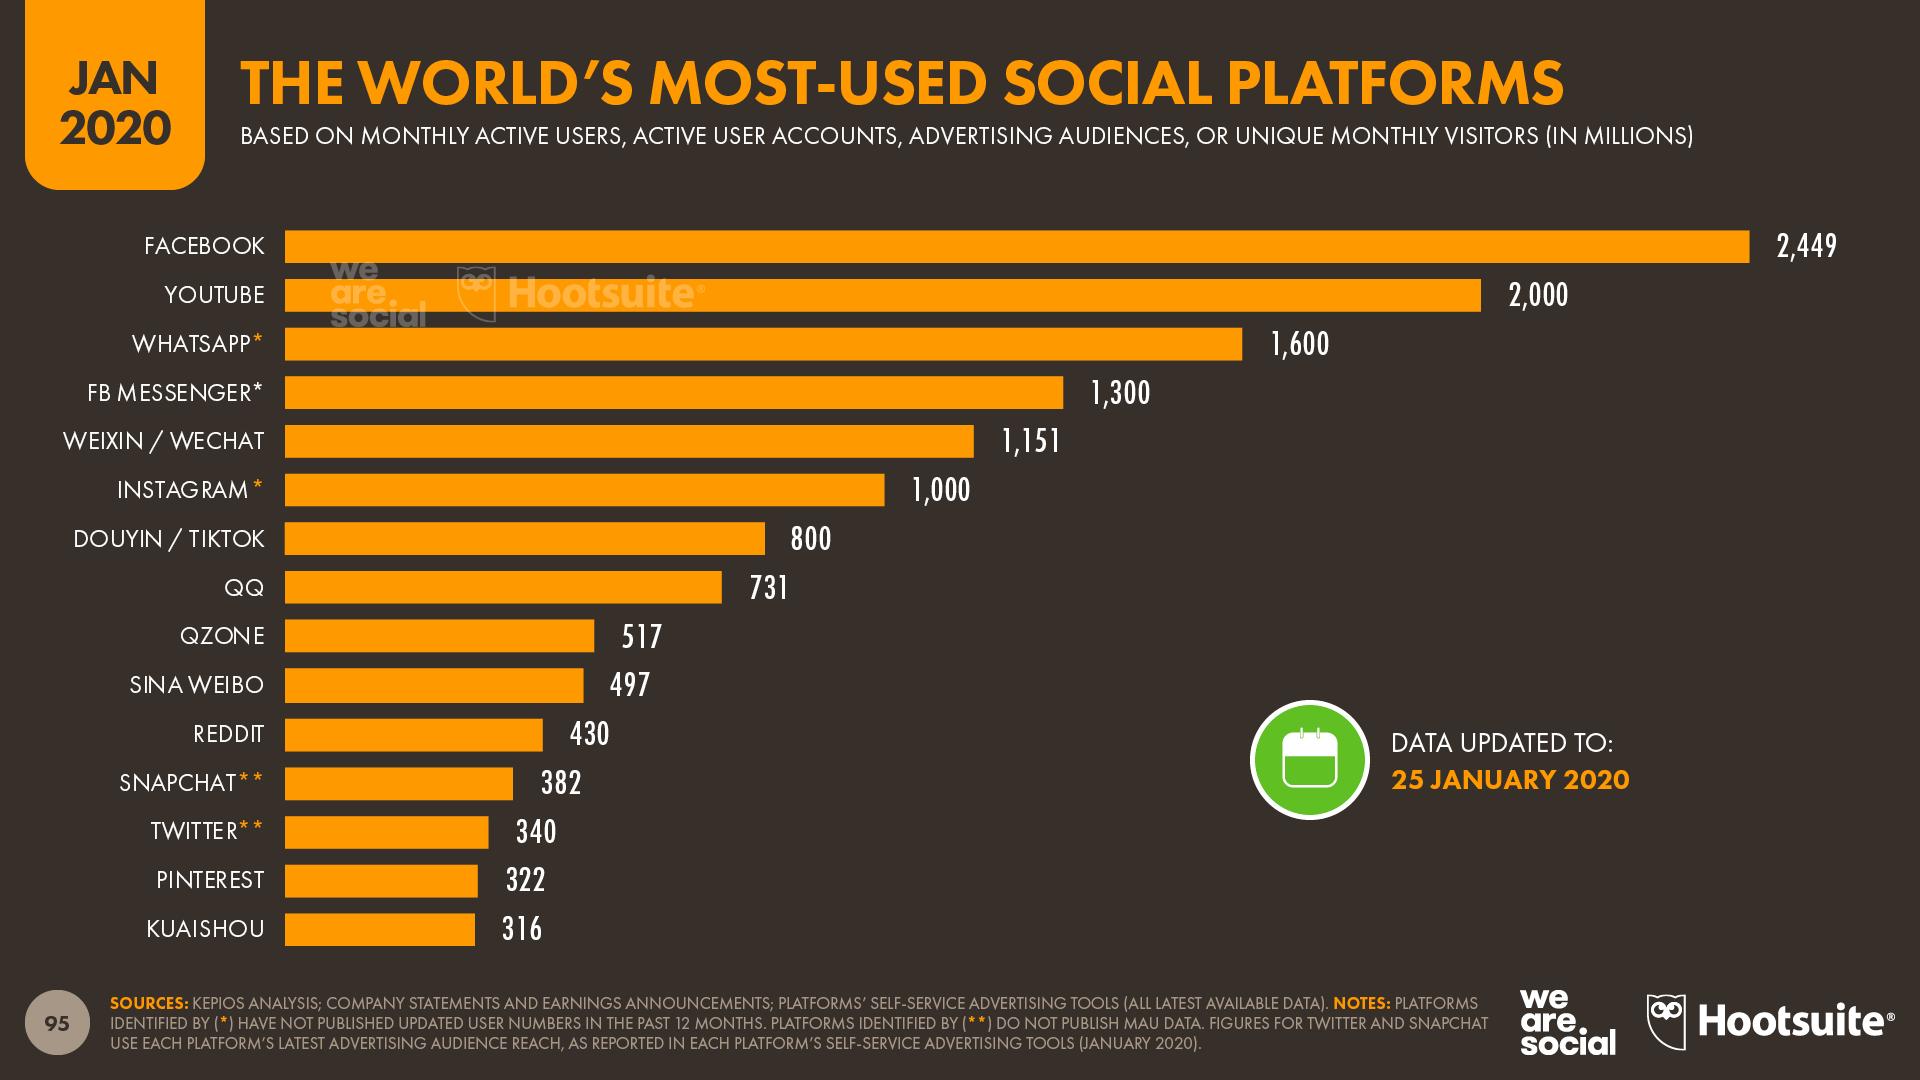 Správně nastavenou reklamou svou cílovku na Facebooku určitě oslovíte. Facebook je stále tou nejpoužívanější sociální sítí.